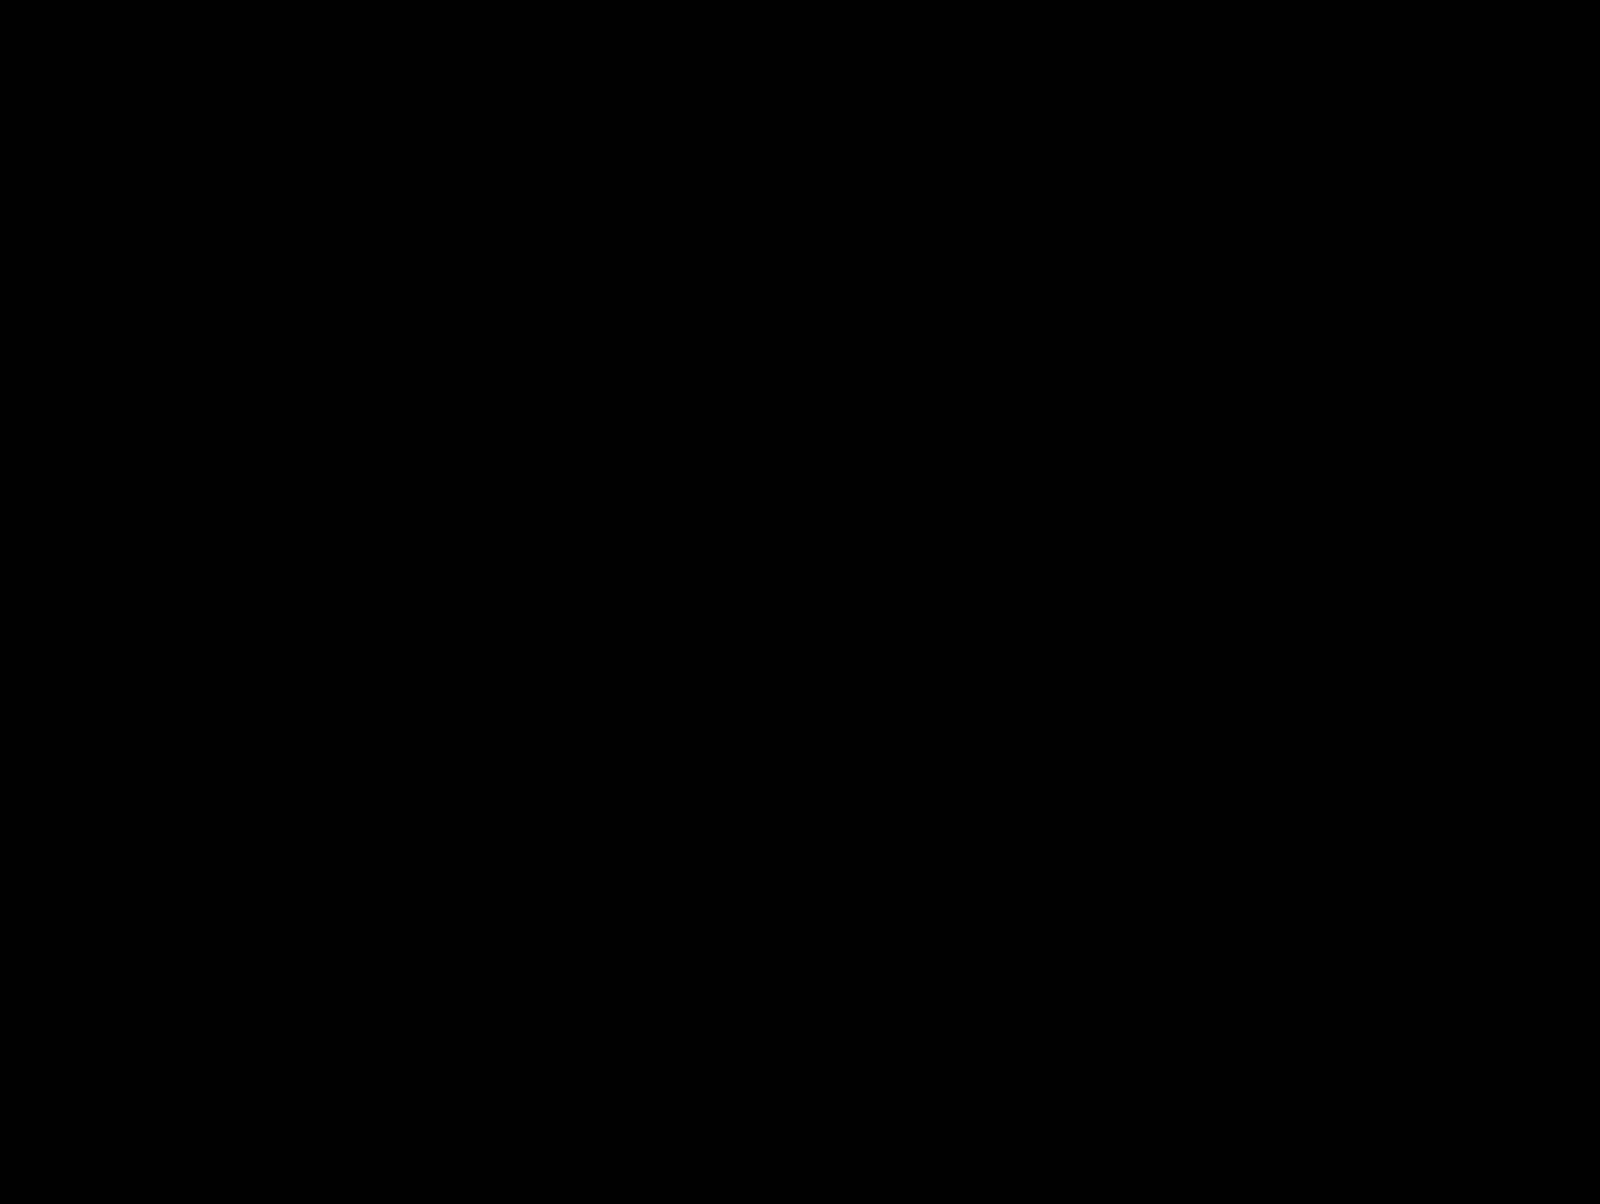 Kraanverdeler